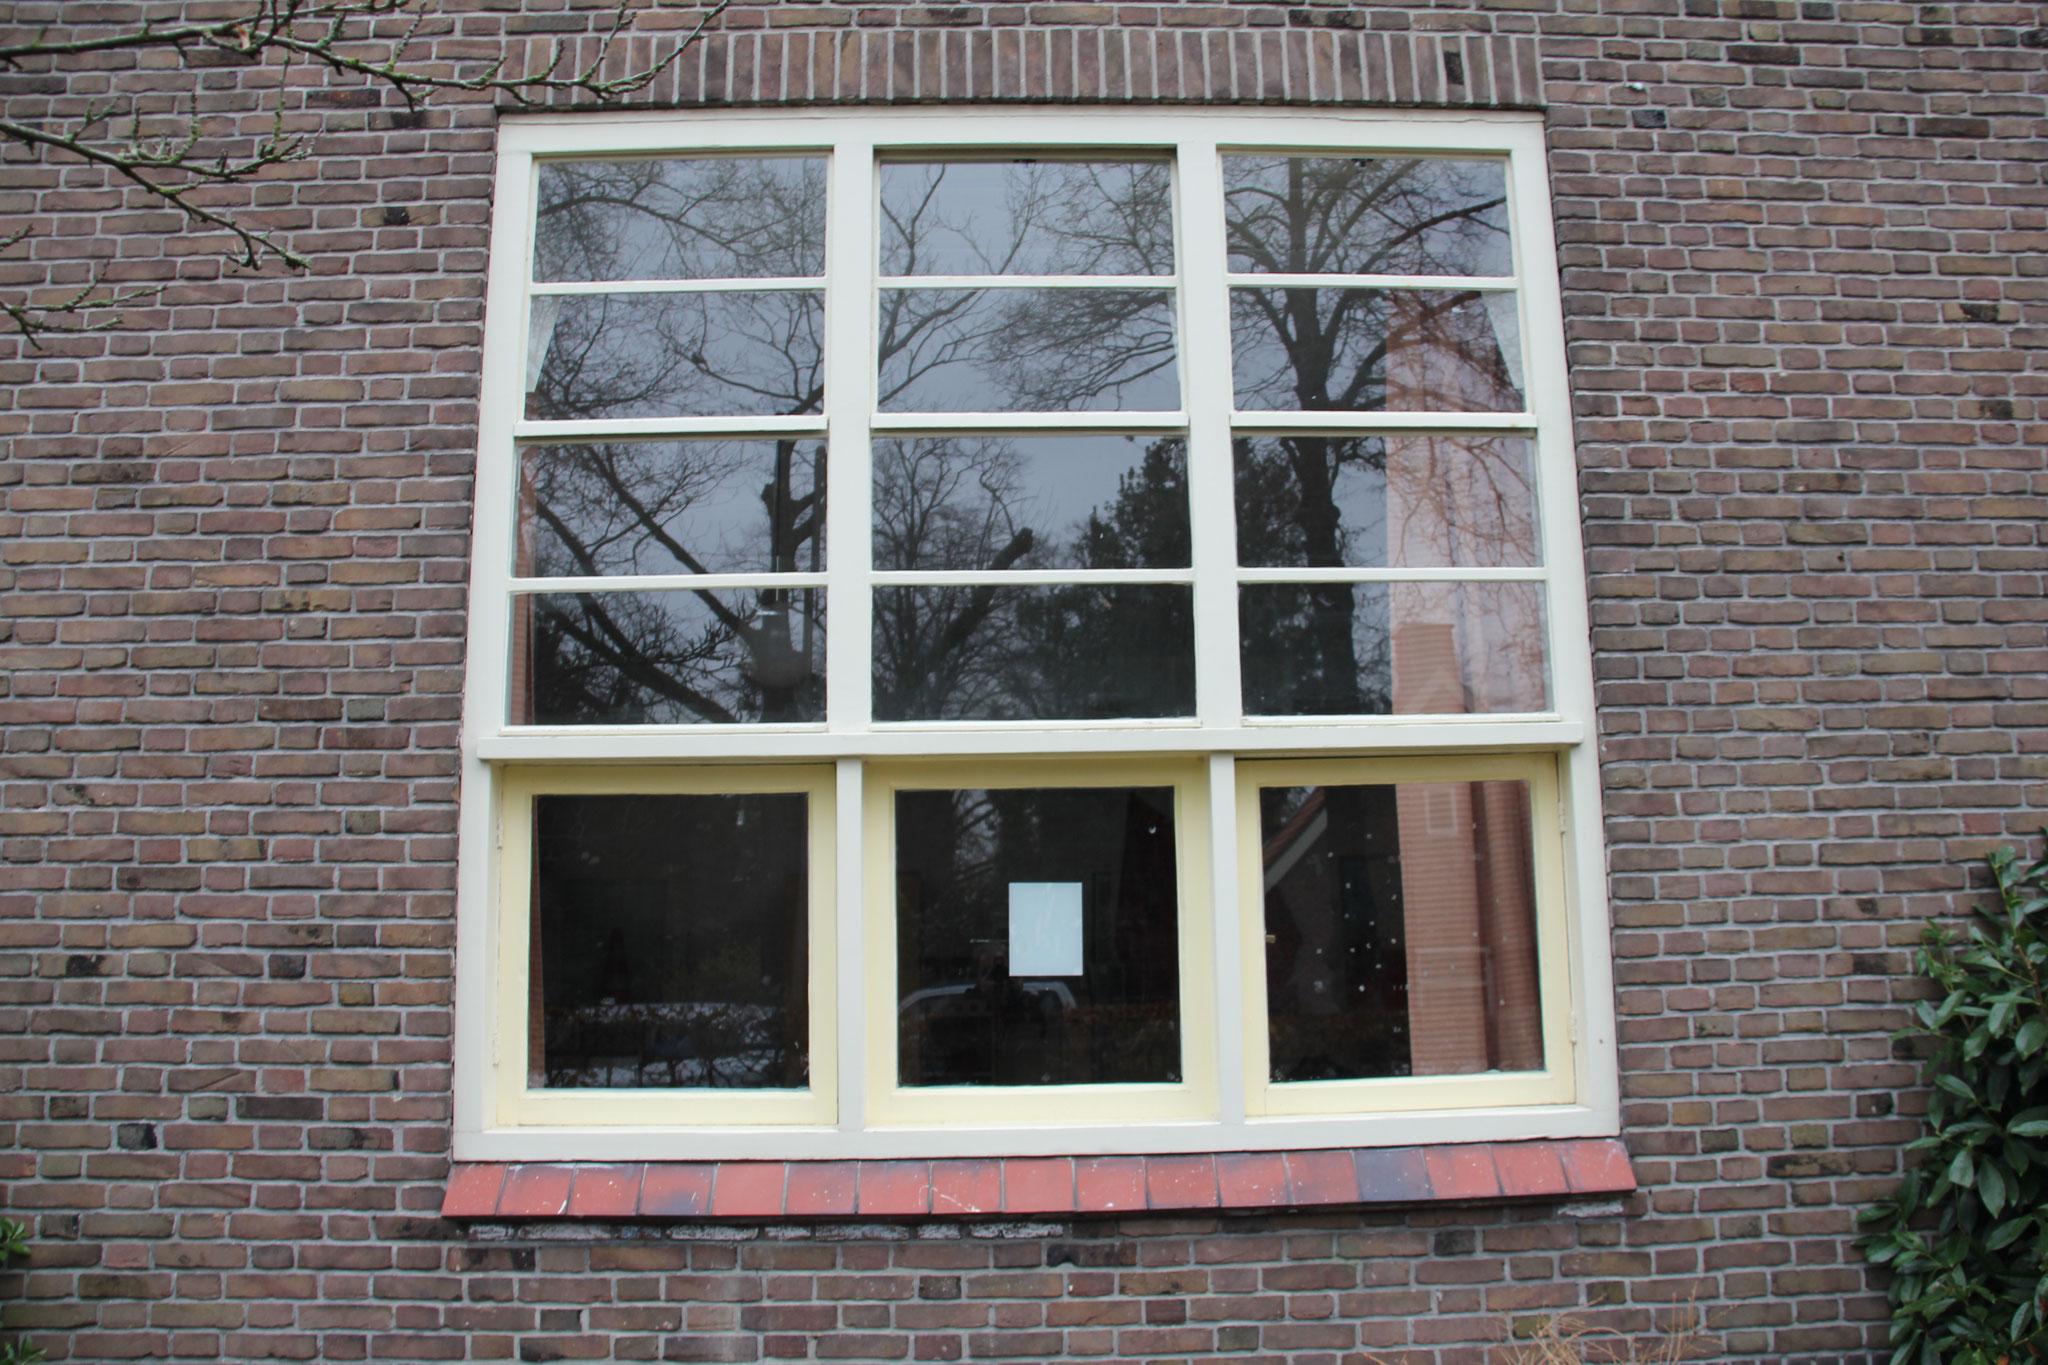 De vensters zijn alle authentiek: vóór in de dag geplaatst, onderlichten in hout en ver naar achter, bovenlichten van staal.